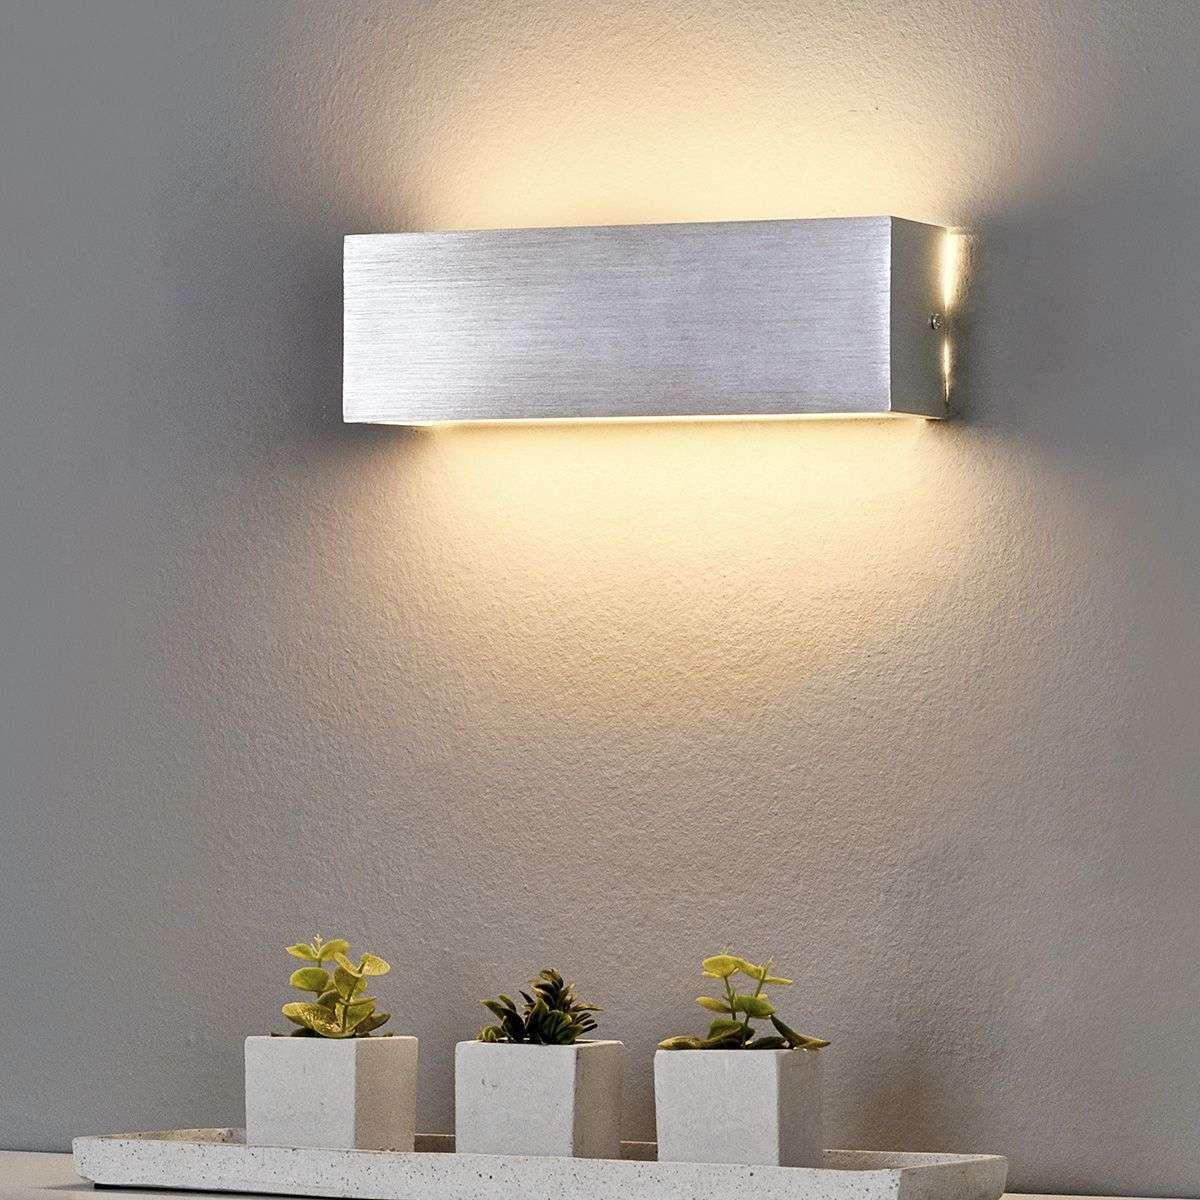 Square aluminium led wall lamp ranik lights square aluminium led wall lamp ranik 9625047 31 aloadofball Images